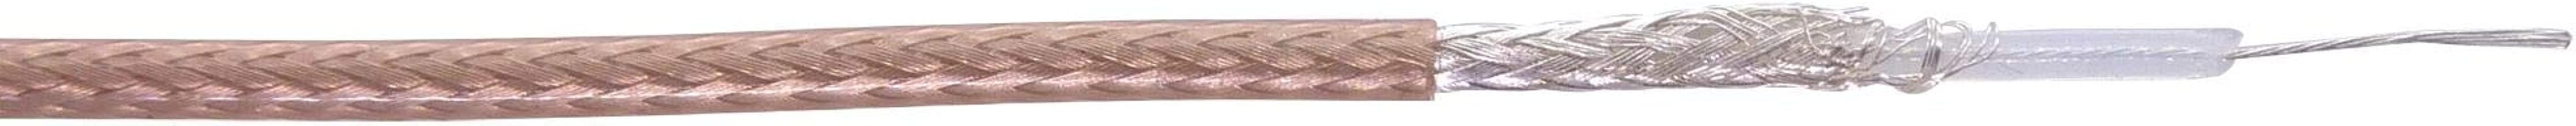 M17/113-RG316 - COAX CABLE, RG316, FEP, 100M (M17/113-RG316)